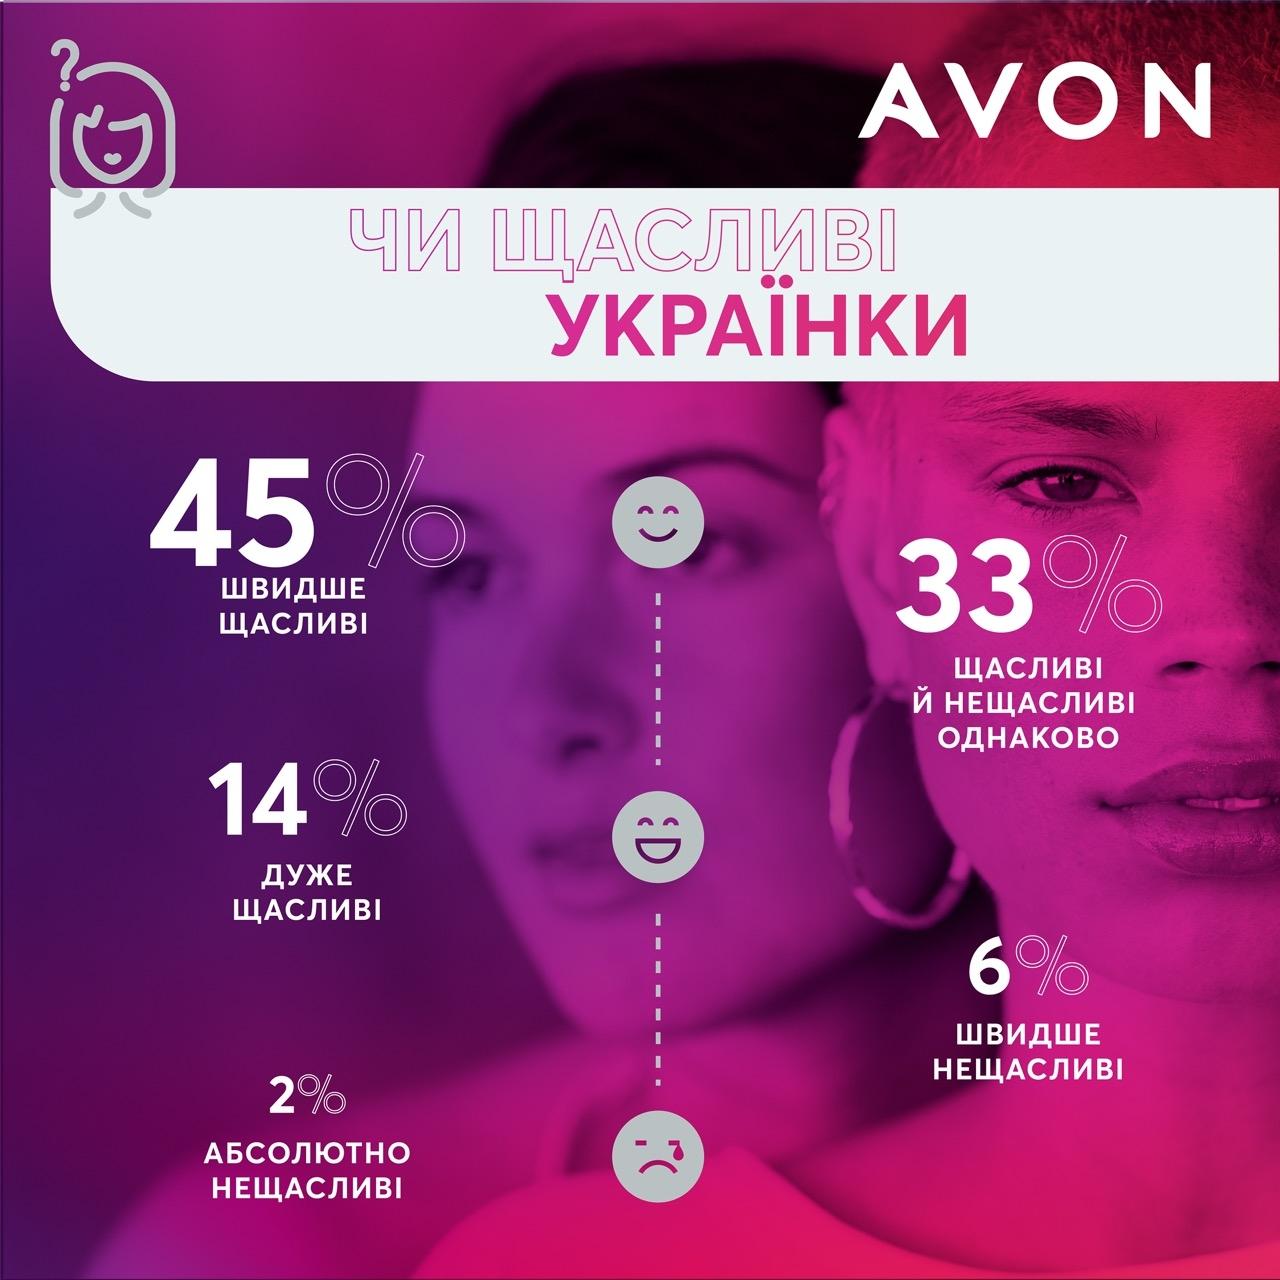 інфографіка Avon 2020